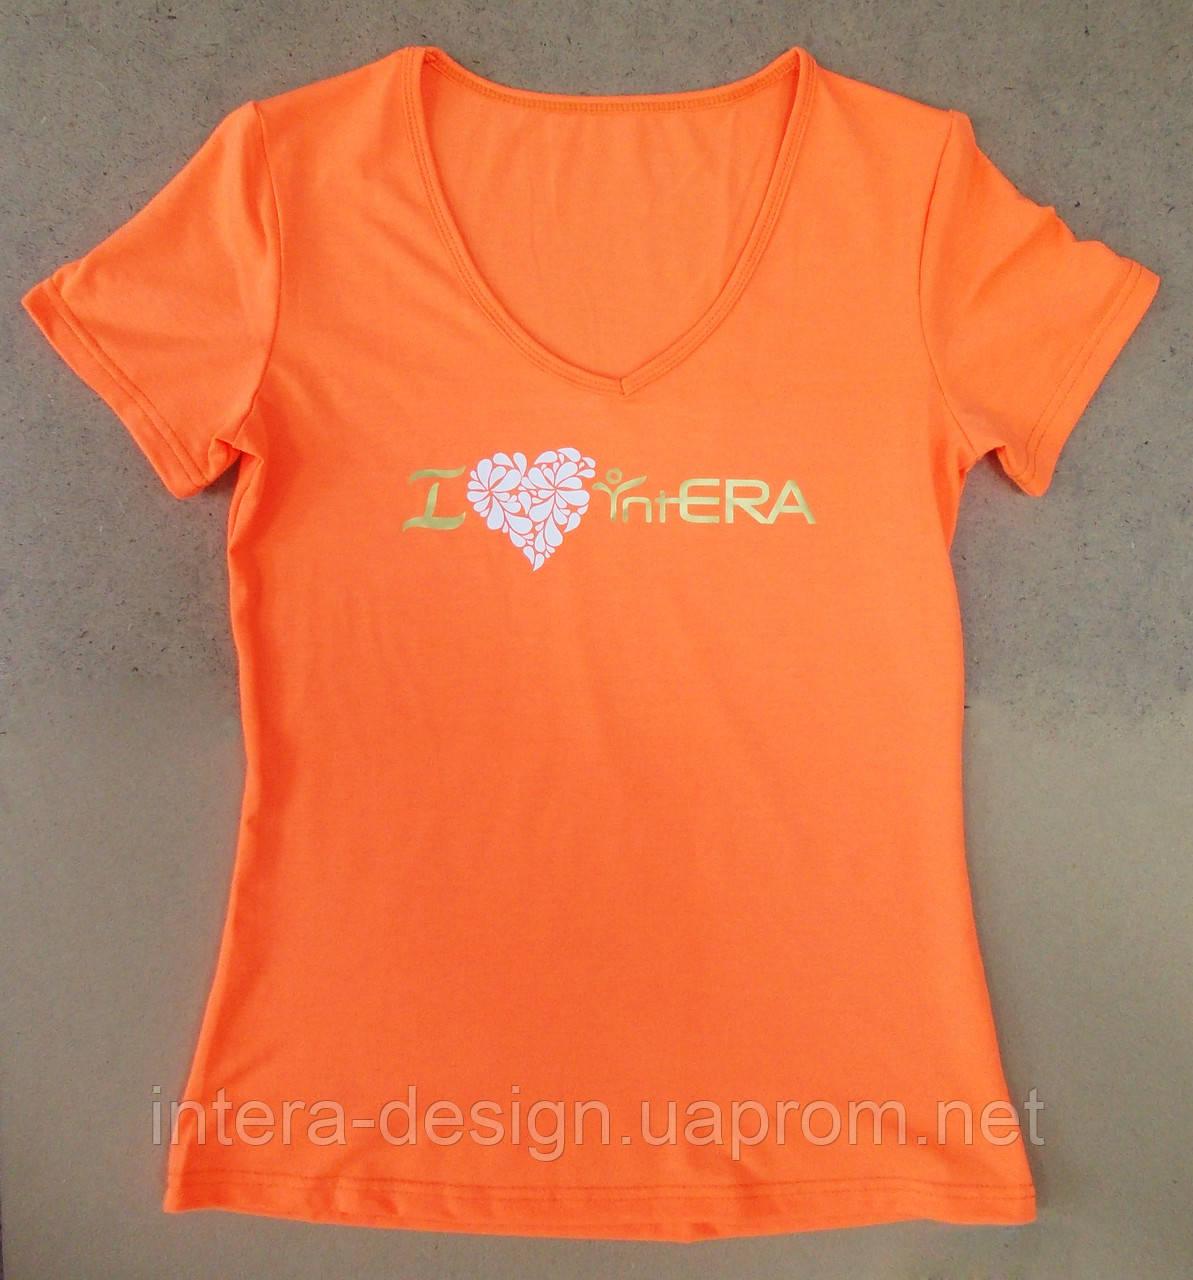 Дизайн футболок интера